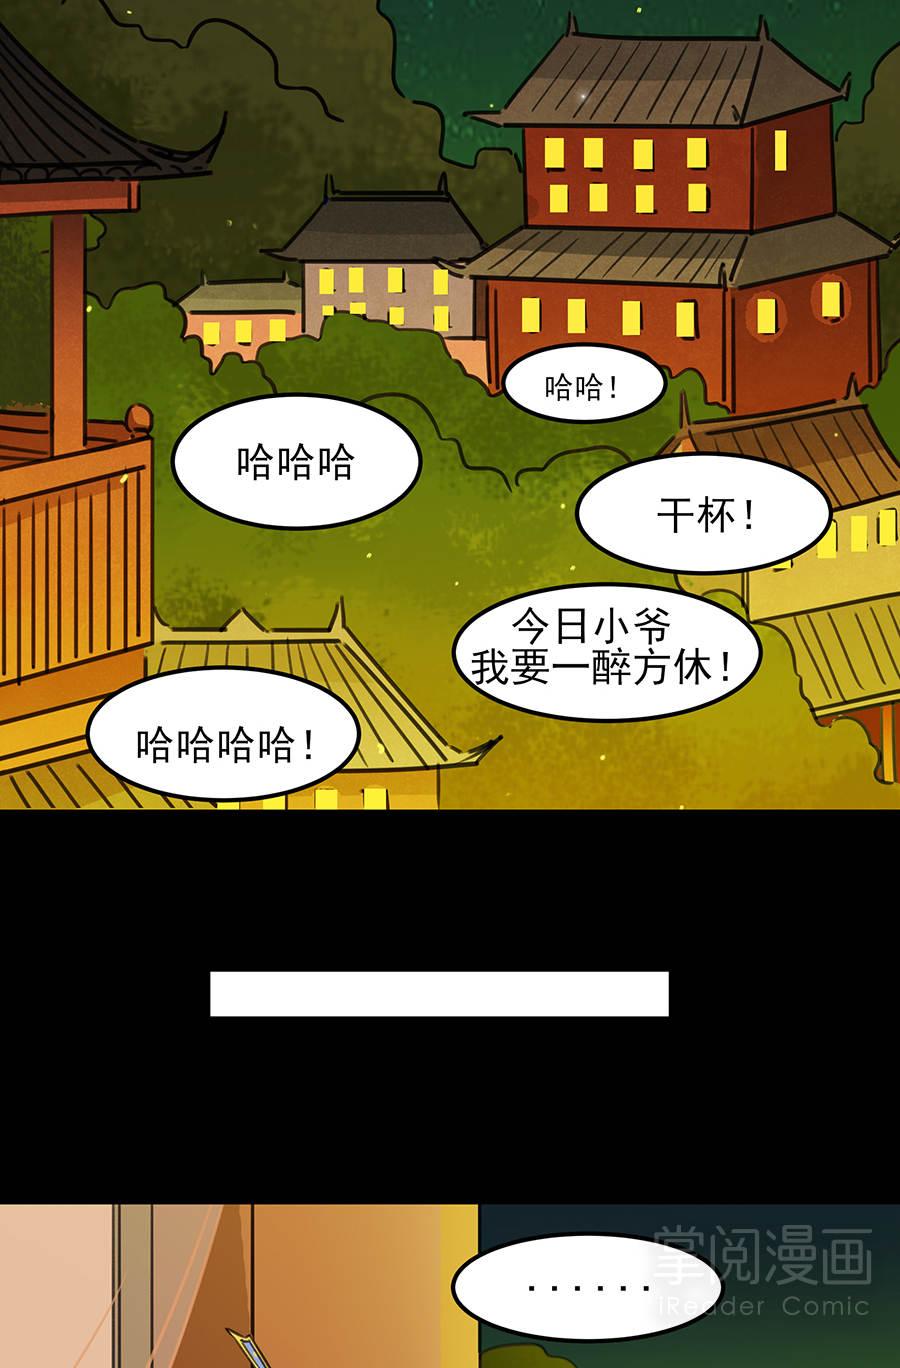 晚唐烟华第3话  浅云侍客 第 39